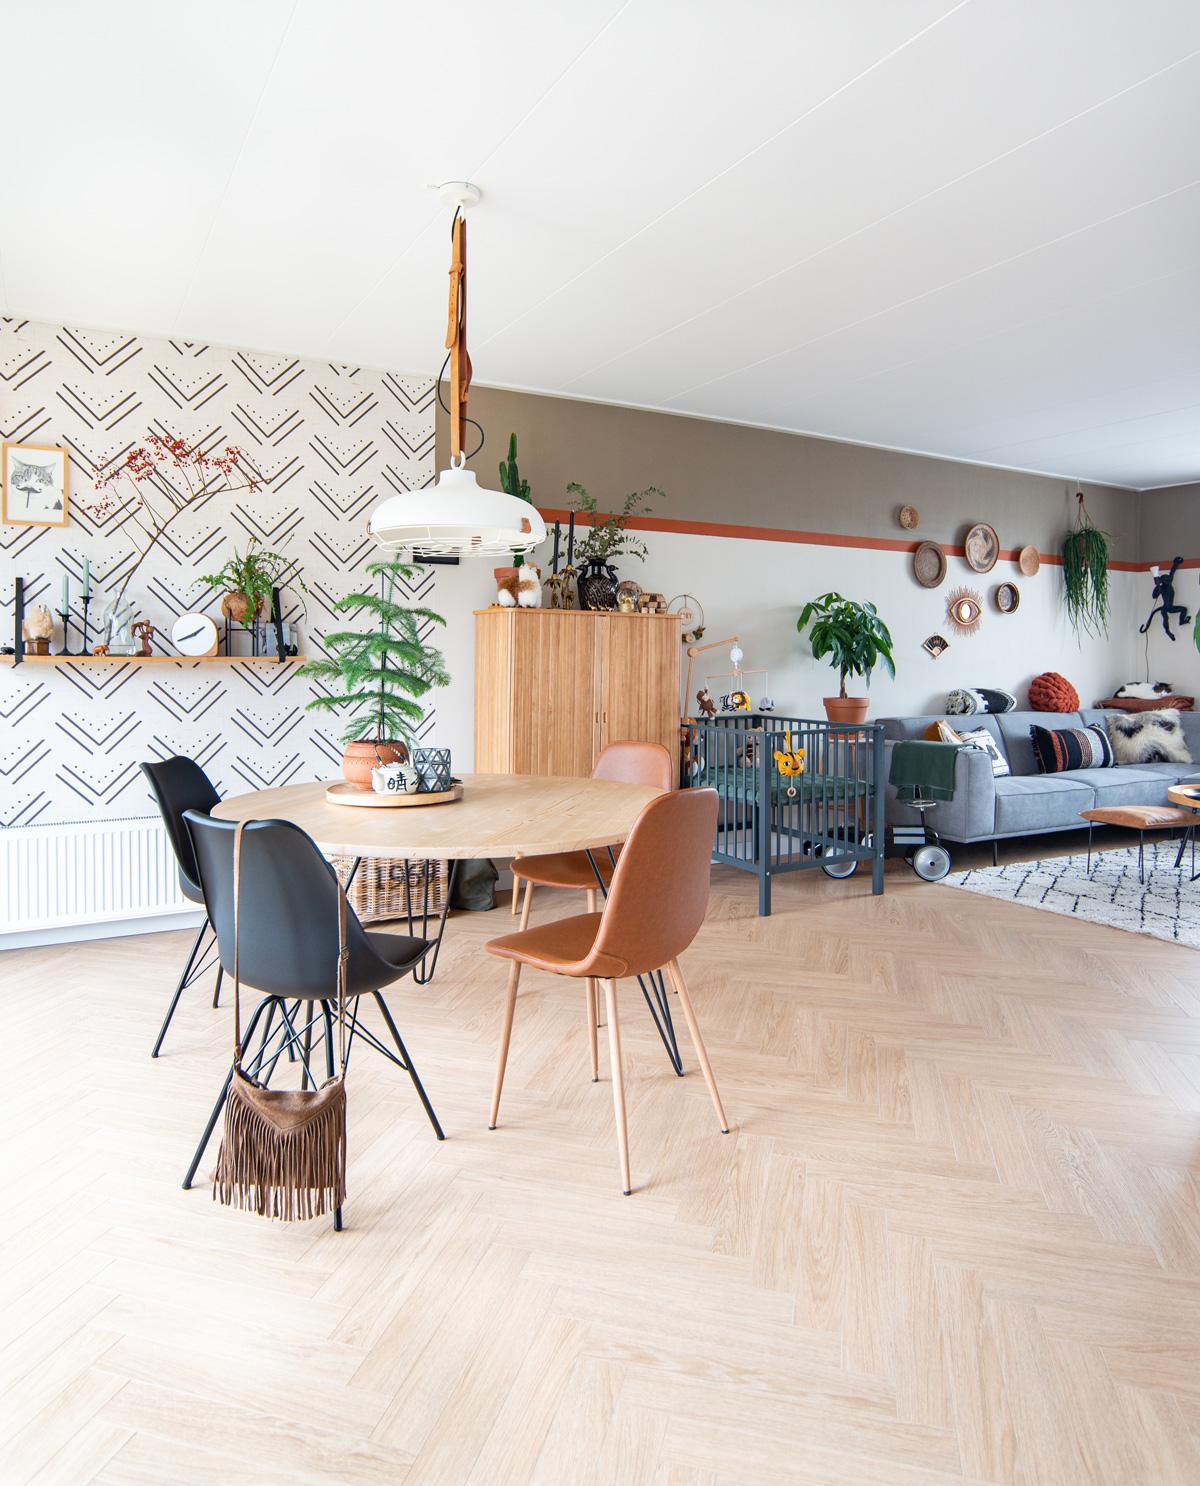 keeelly91 tafel eettafel allondery op maat ronde tafel interieur inspiratie wonen home modernboho visgraat vloer